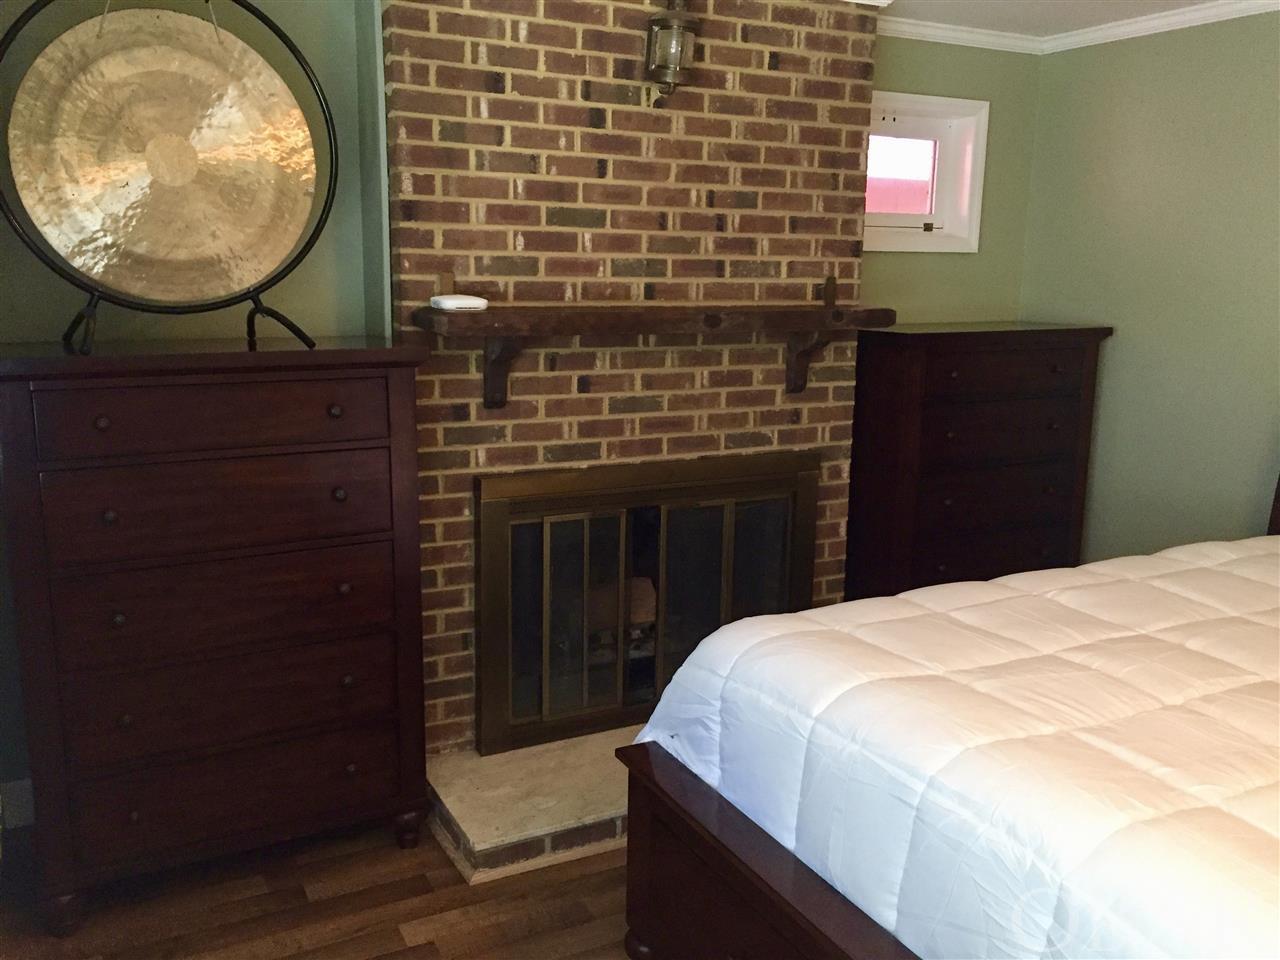 116 Craigy Court,Kill Devil Hills,NC 27948,3 Bedrooms Bedrooms,2 BathroomsBathrooms,Residential,Craigy Court,97367